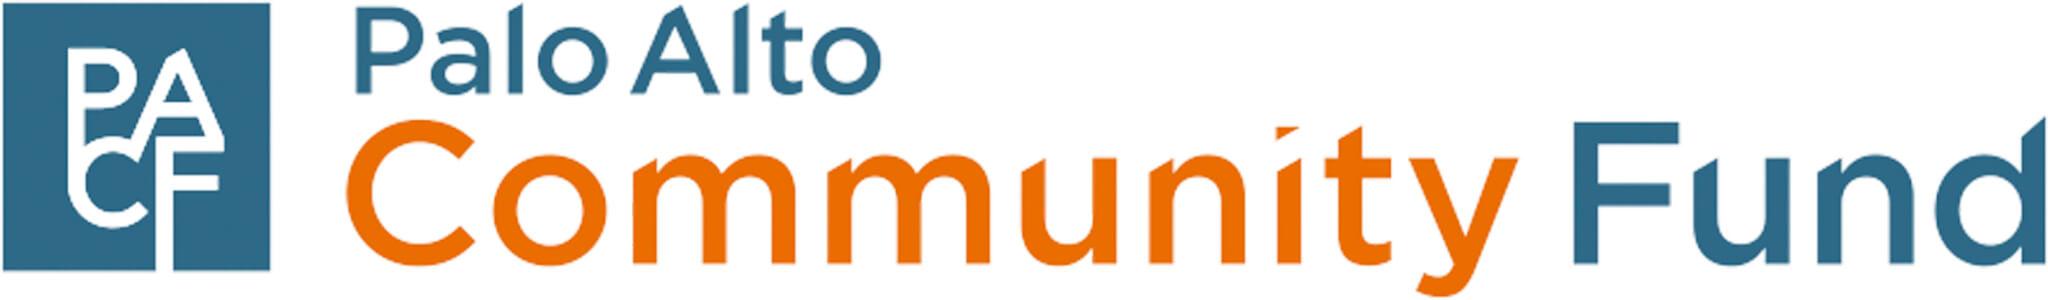 PACF logo